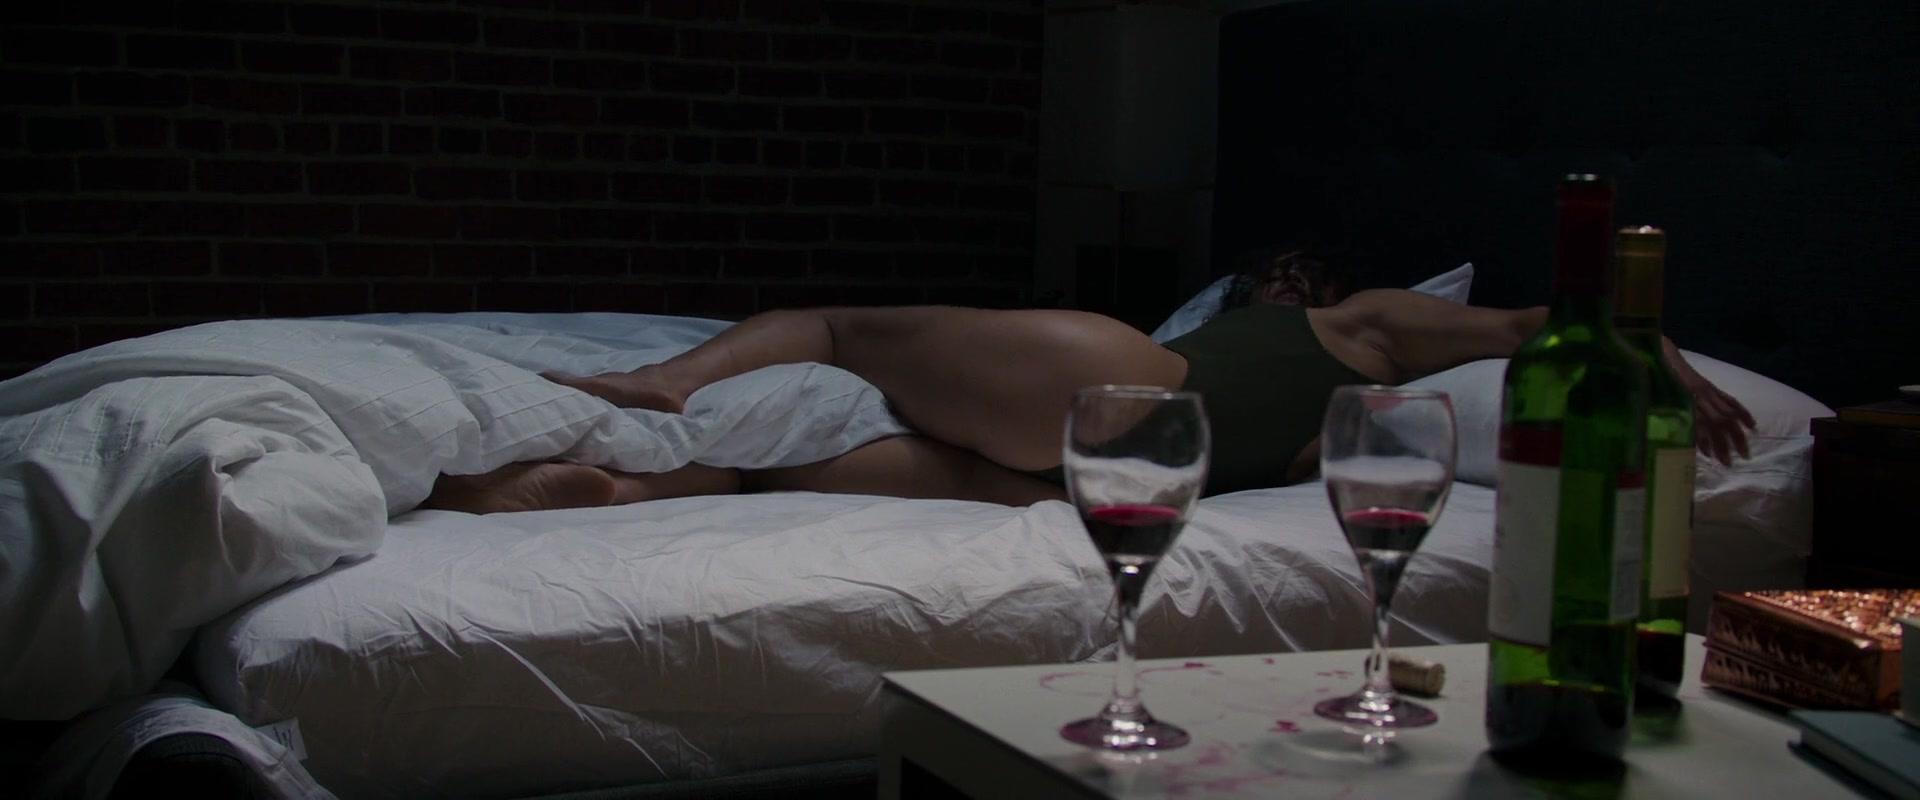 Nude Video Celebs  Paula Patton Nude - Traffik 2018-5890